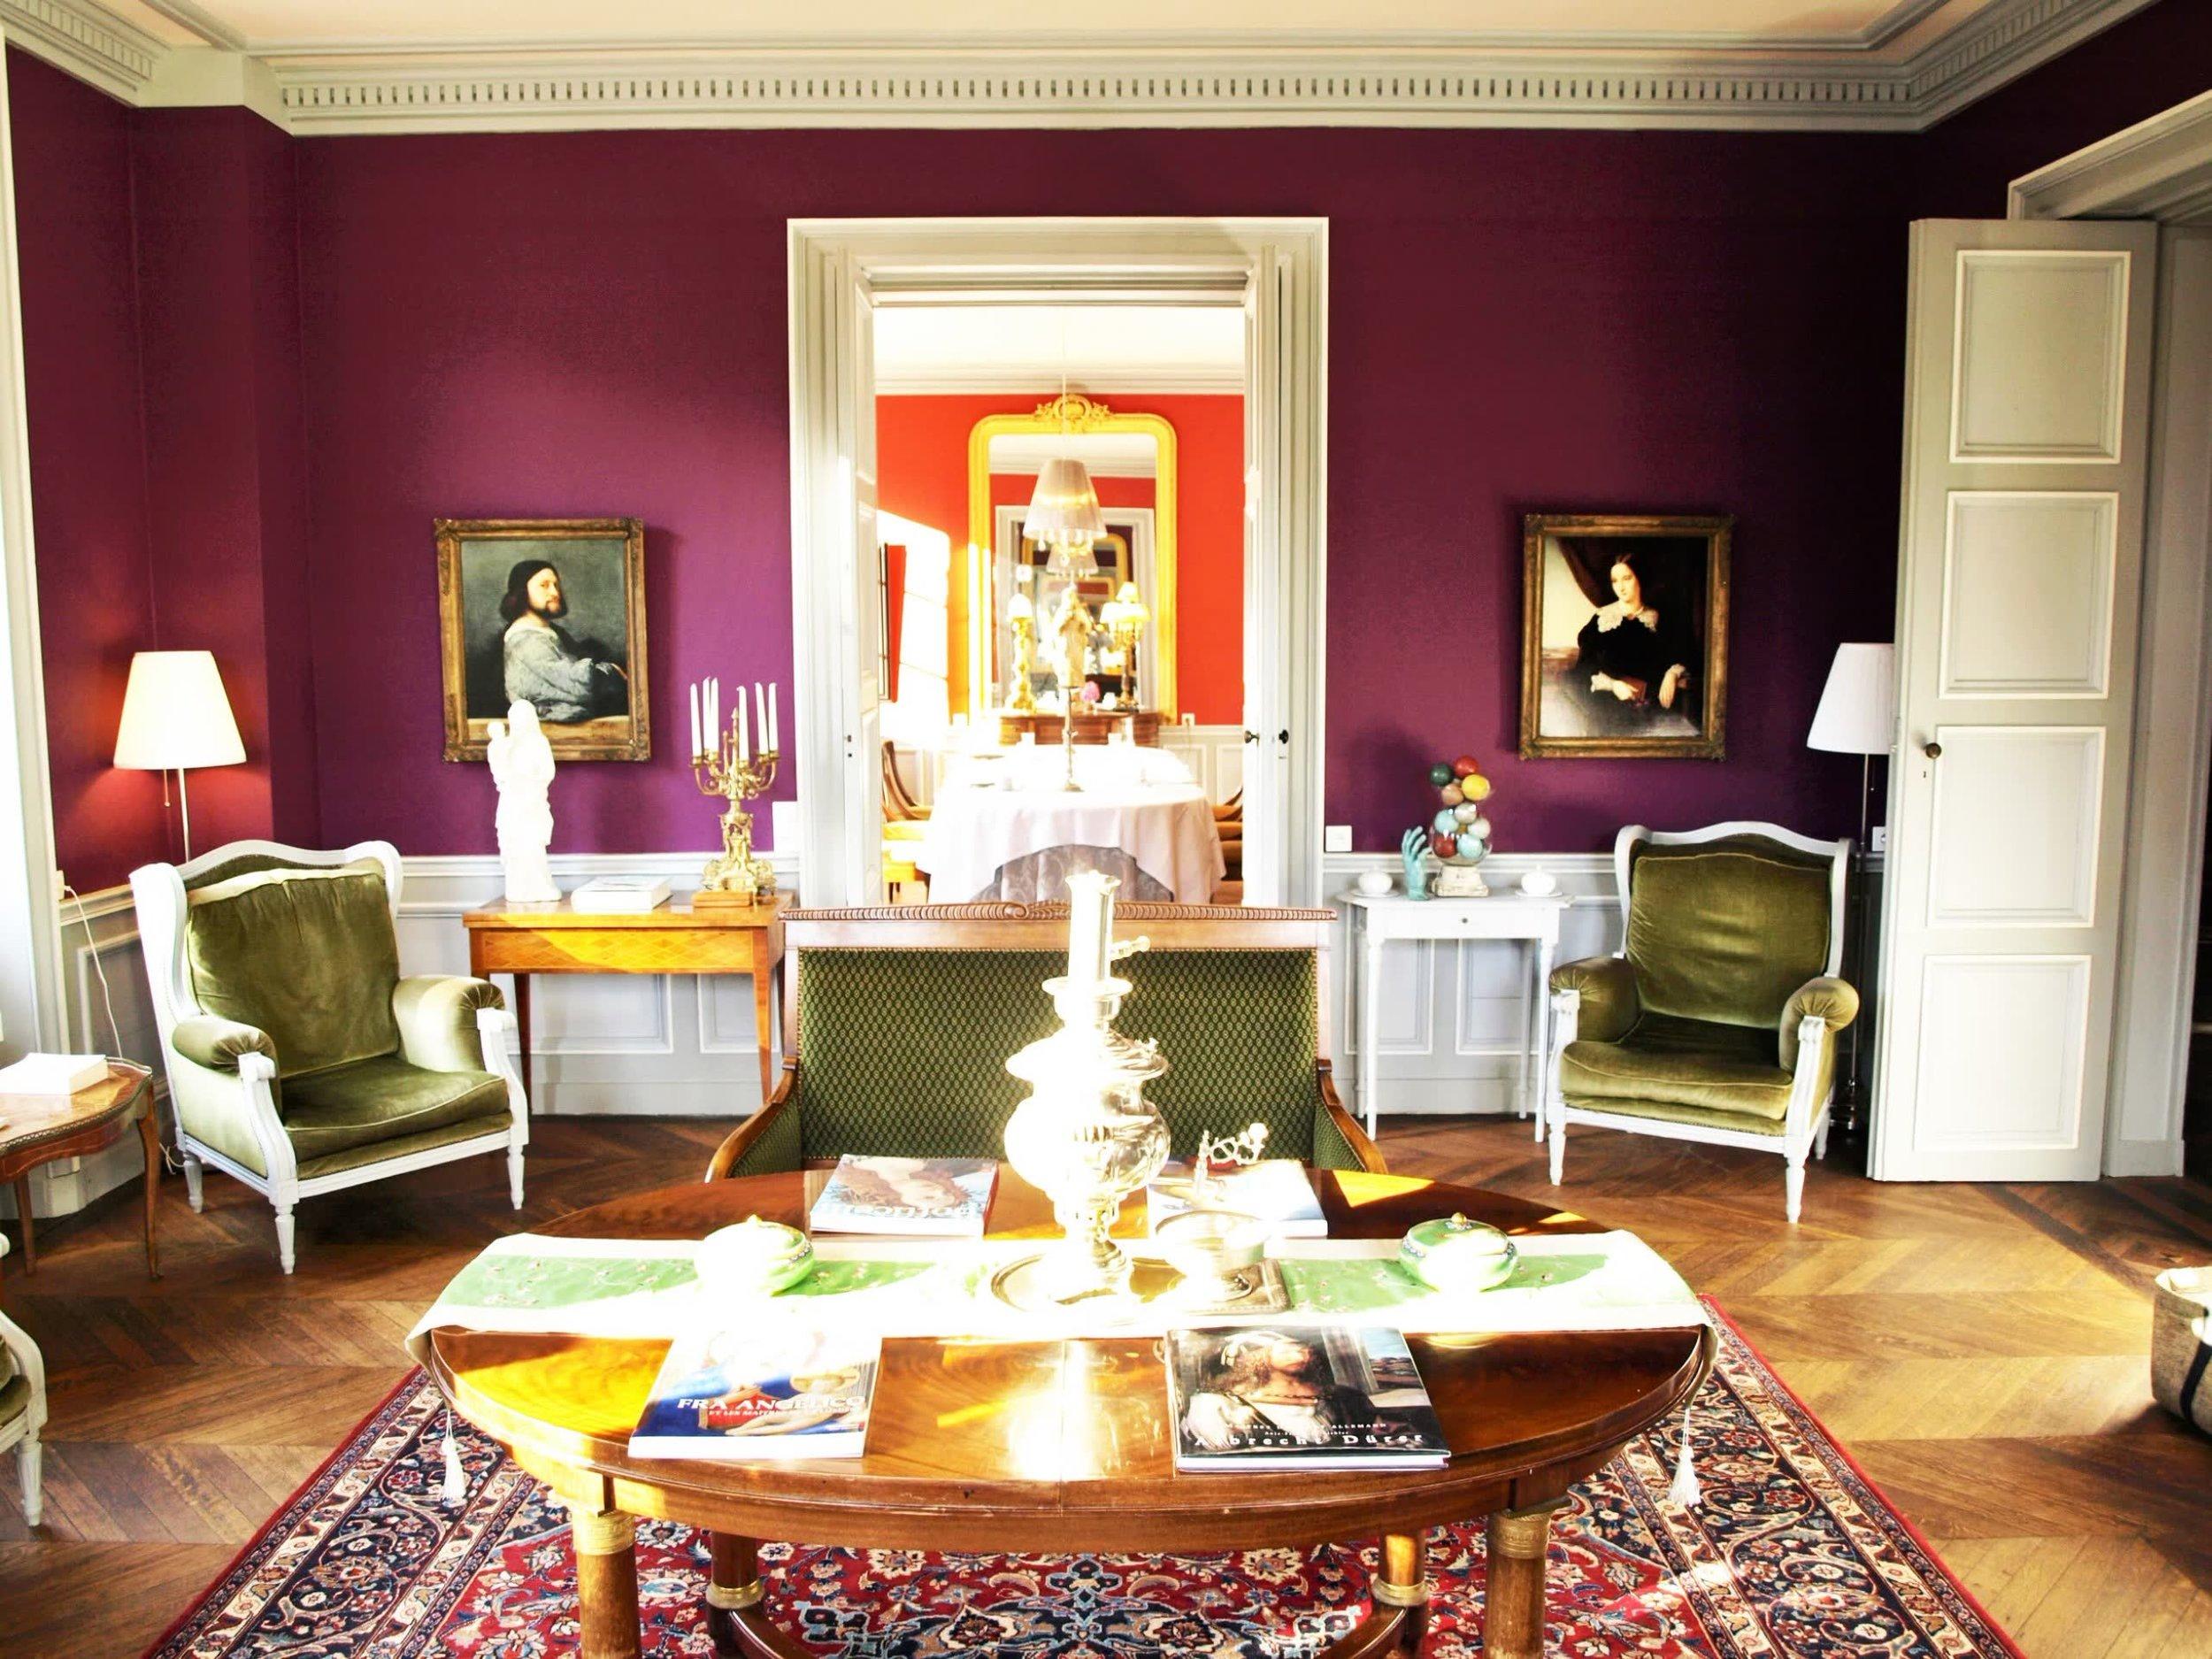 Chateau de la Pommeraye - salle - receptions - mariages - anniversaires - communions - baptemes - normandie - calvados - orne 4.jpg